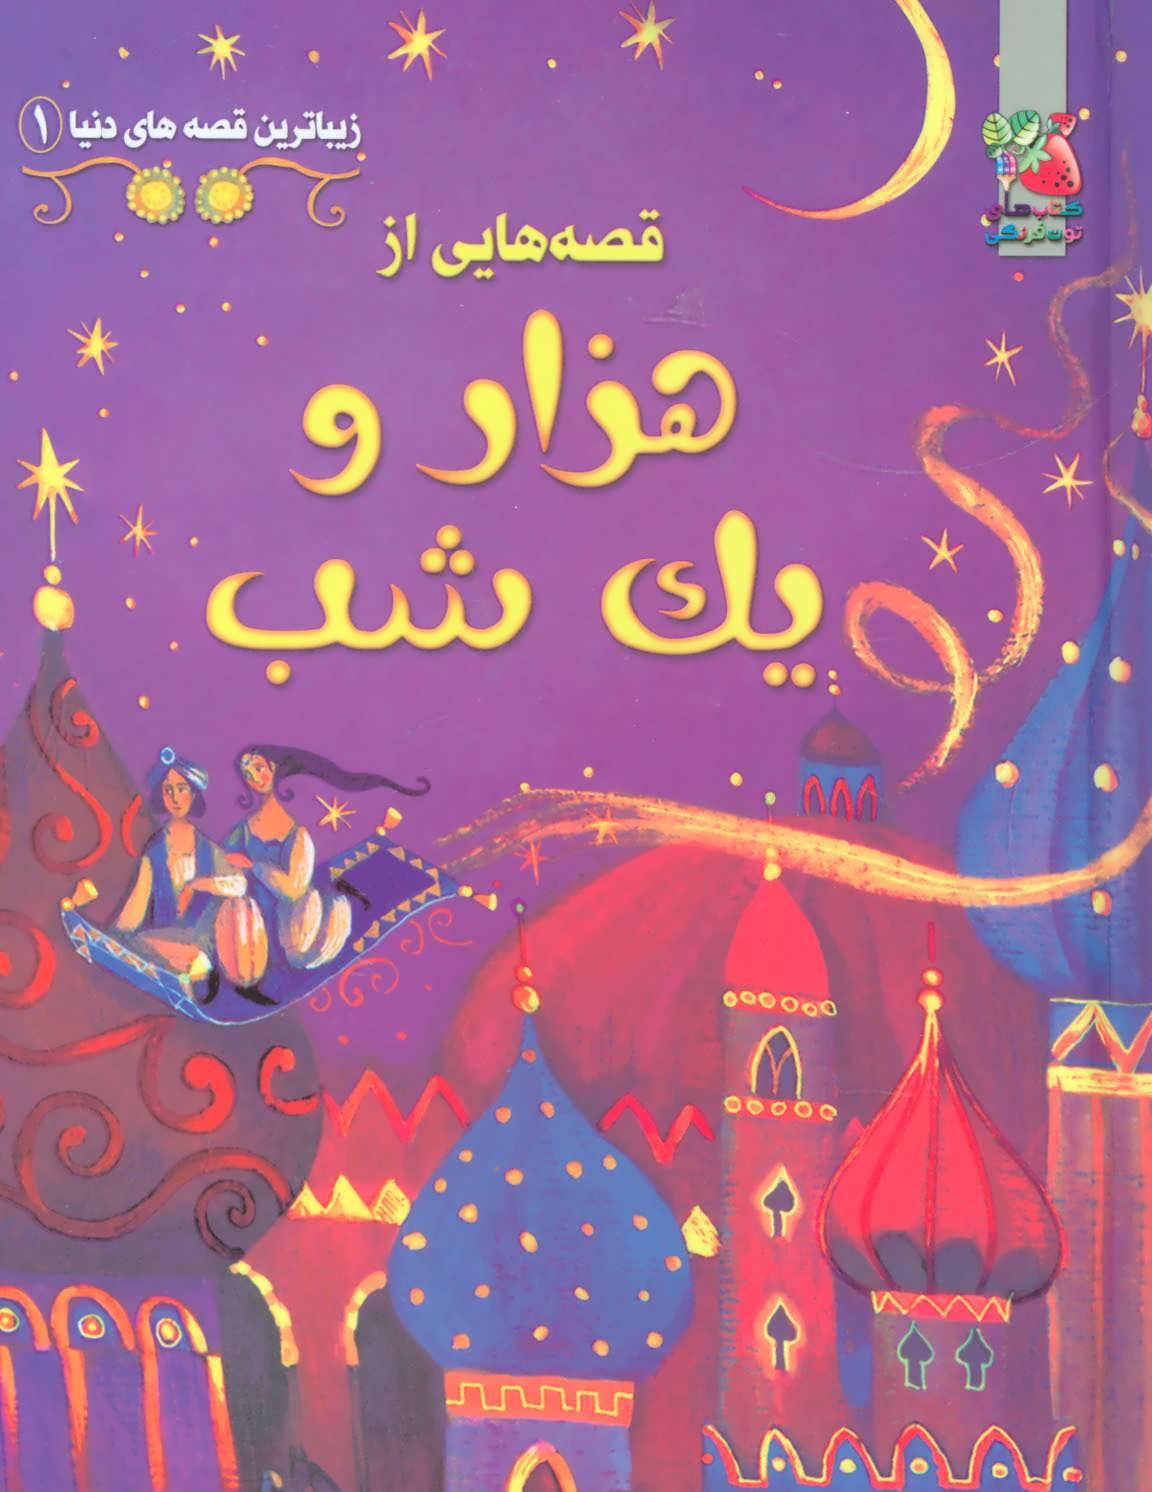 قصه هایی از هزار و یک شب (زیباترین قصه های دنیا 1)،(گلاسه)